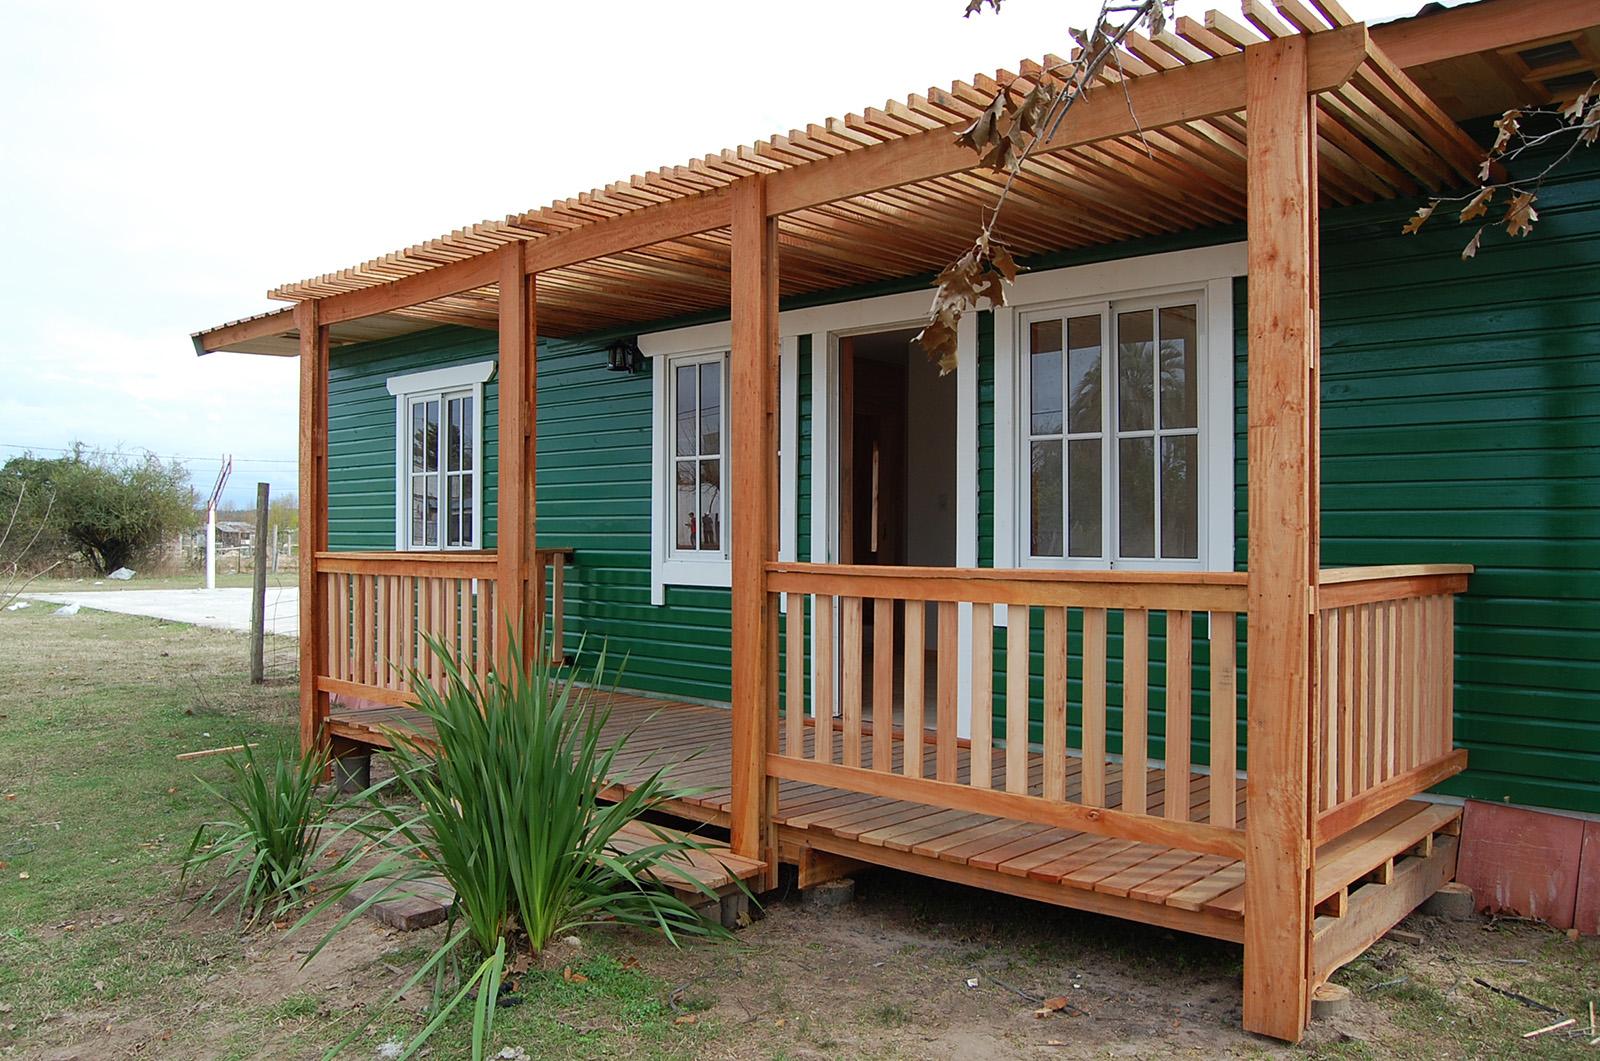 construcción madera argentina chile